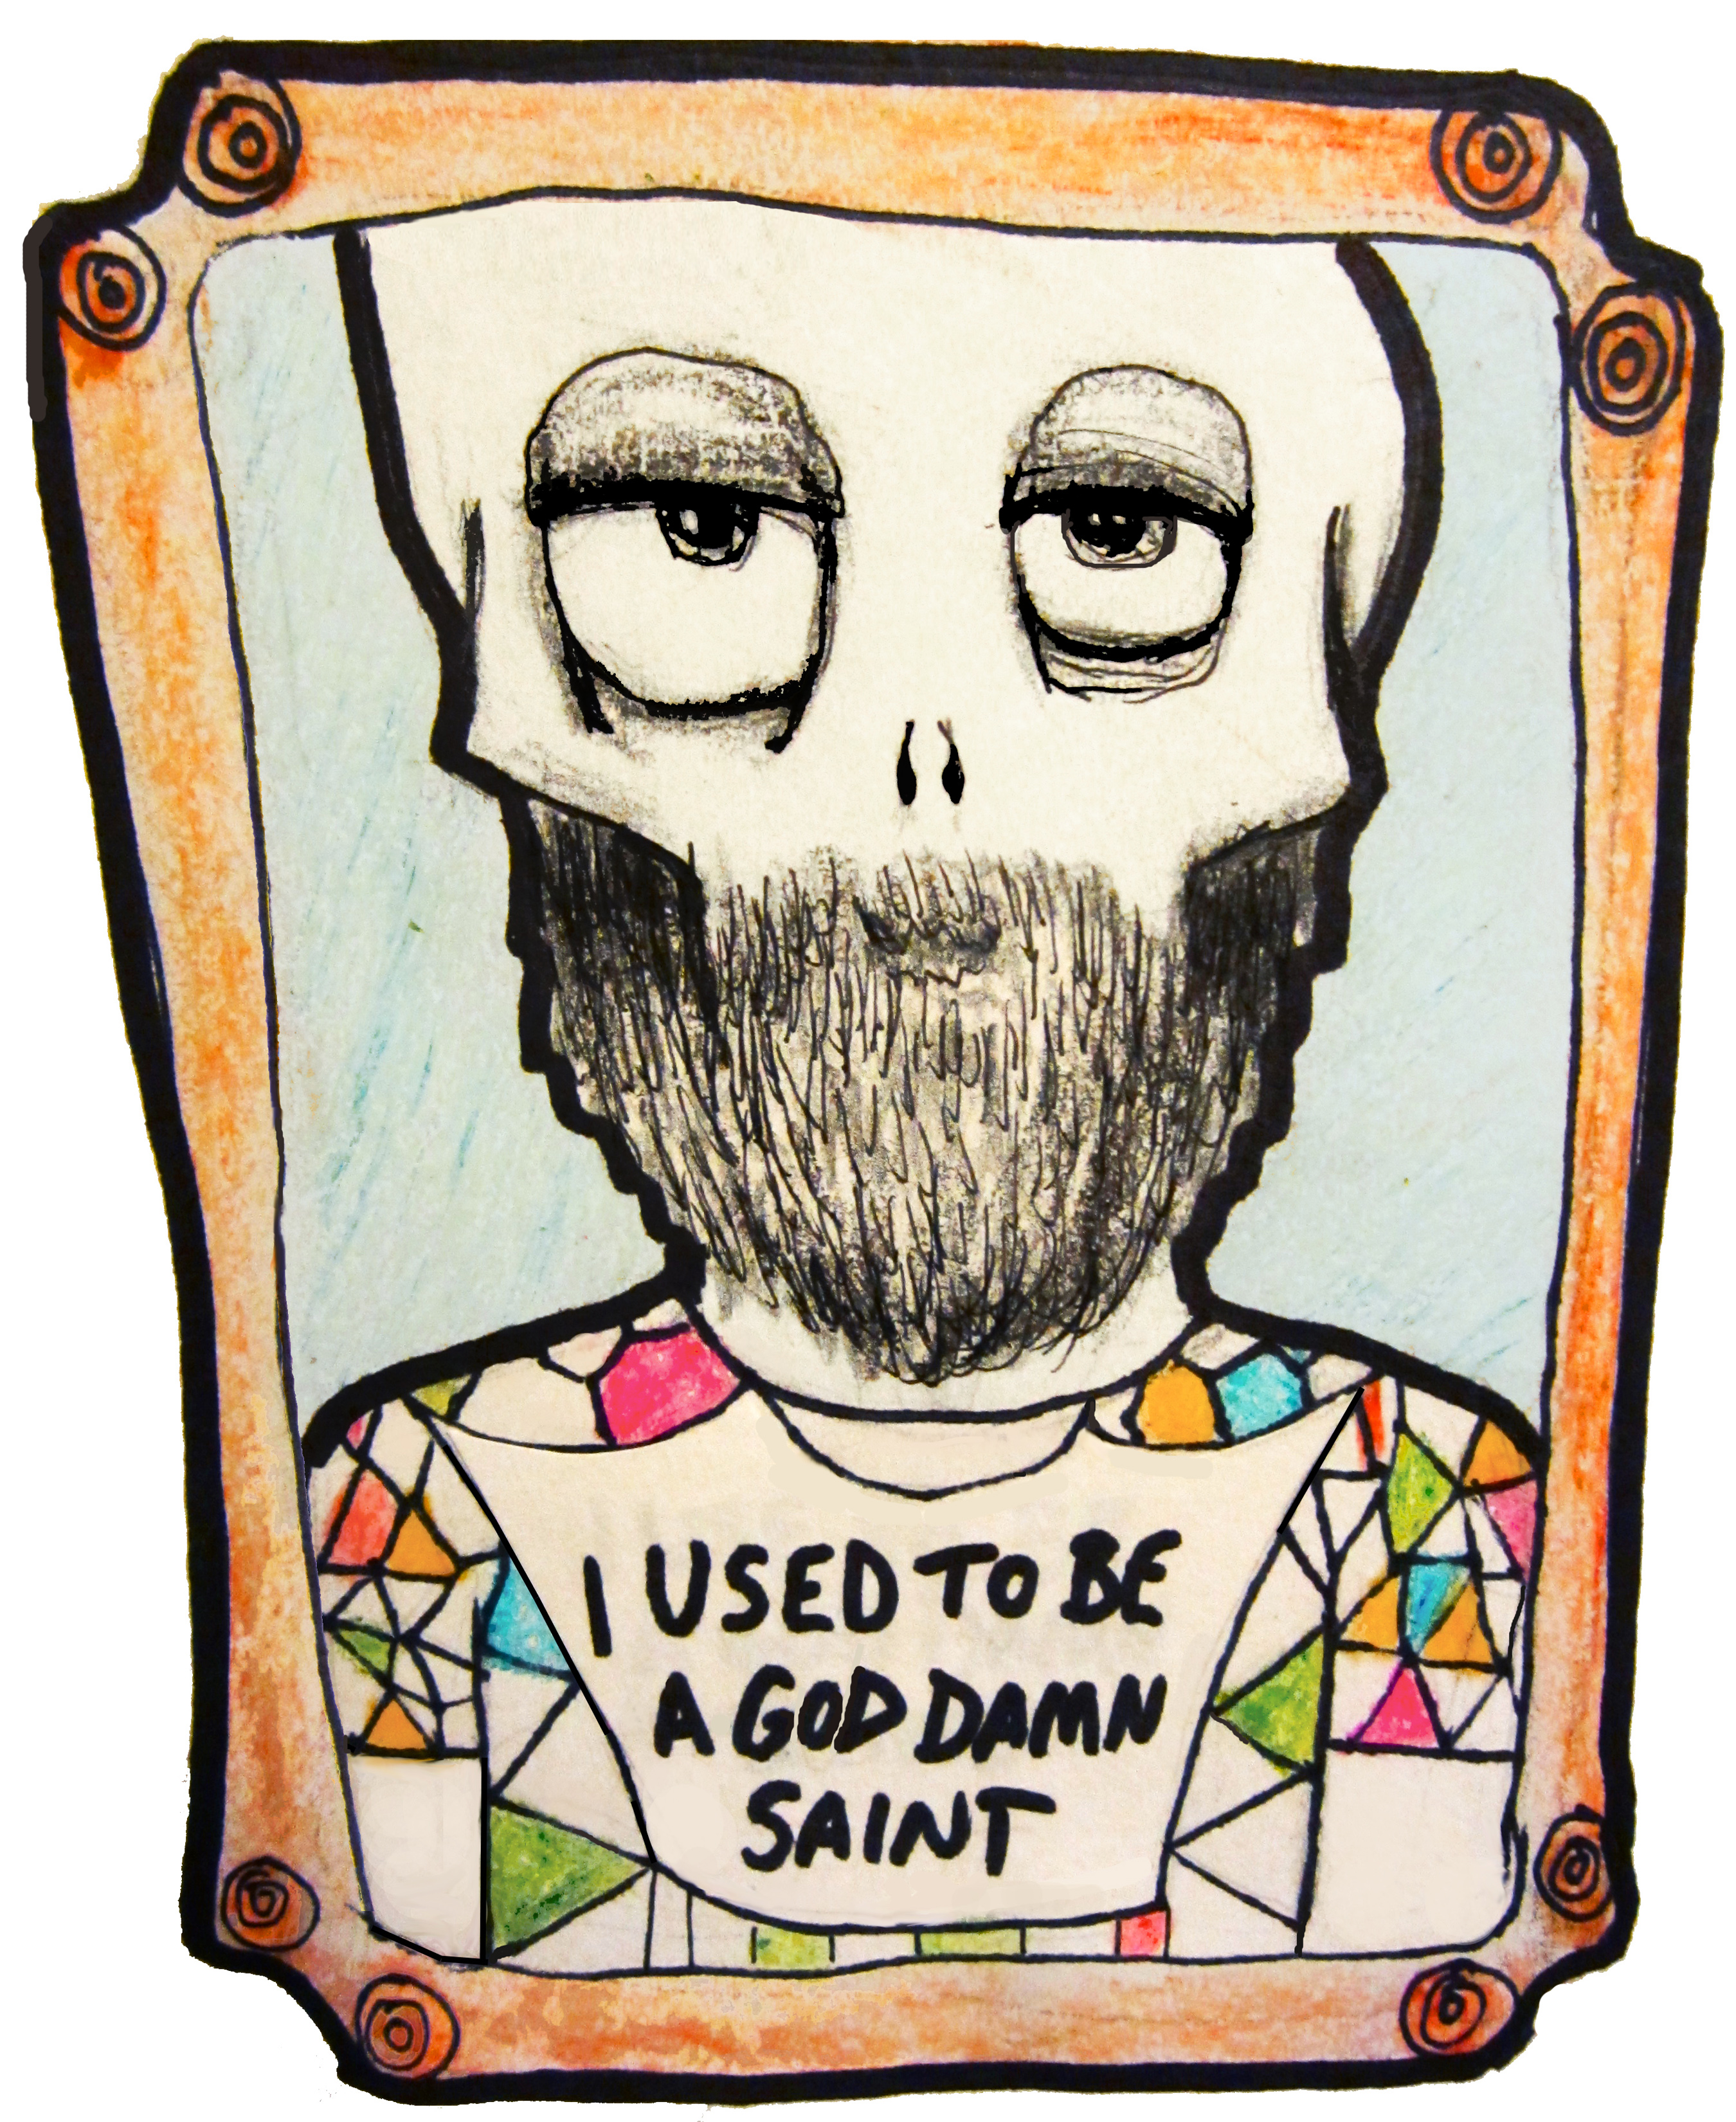 Saint